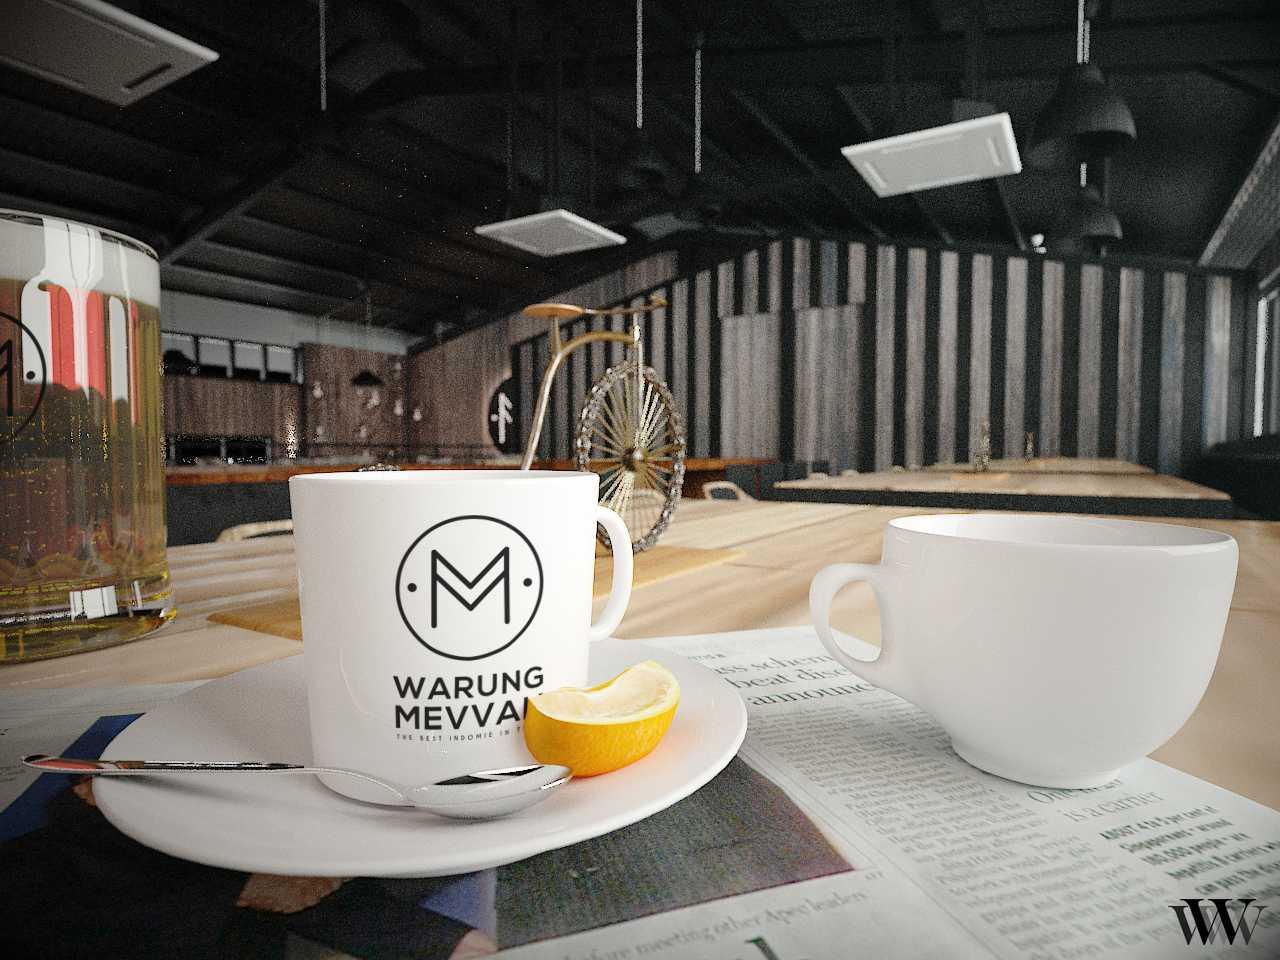 Wirianto Witarsa Mevvah Sekip Medan Medan Medan Cup-Render-Jadi Minimalis,modern  21763